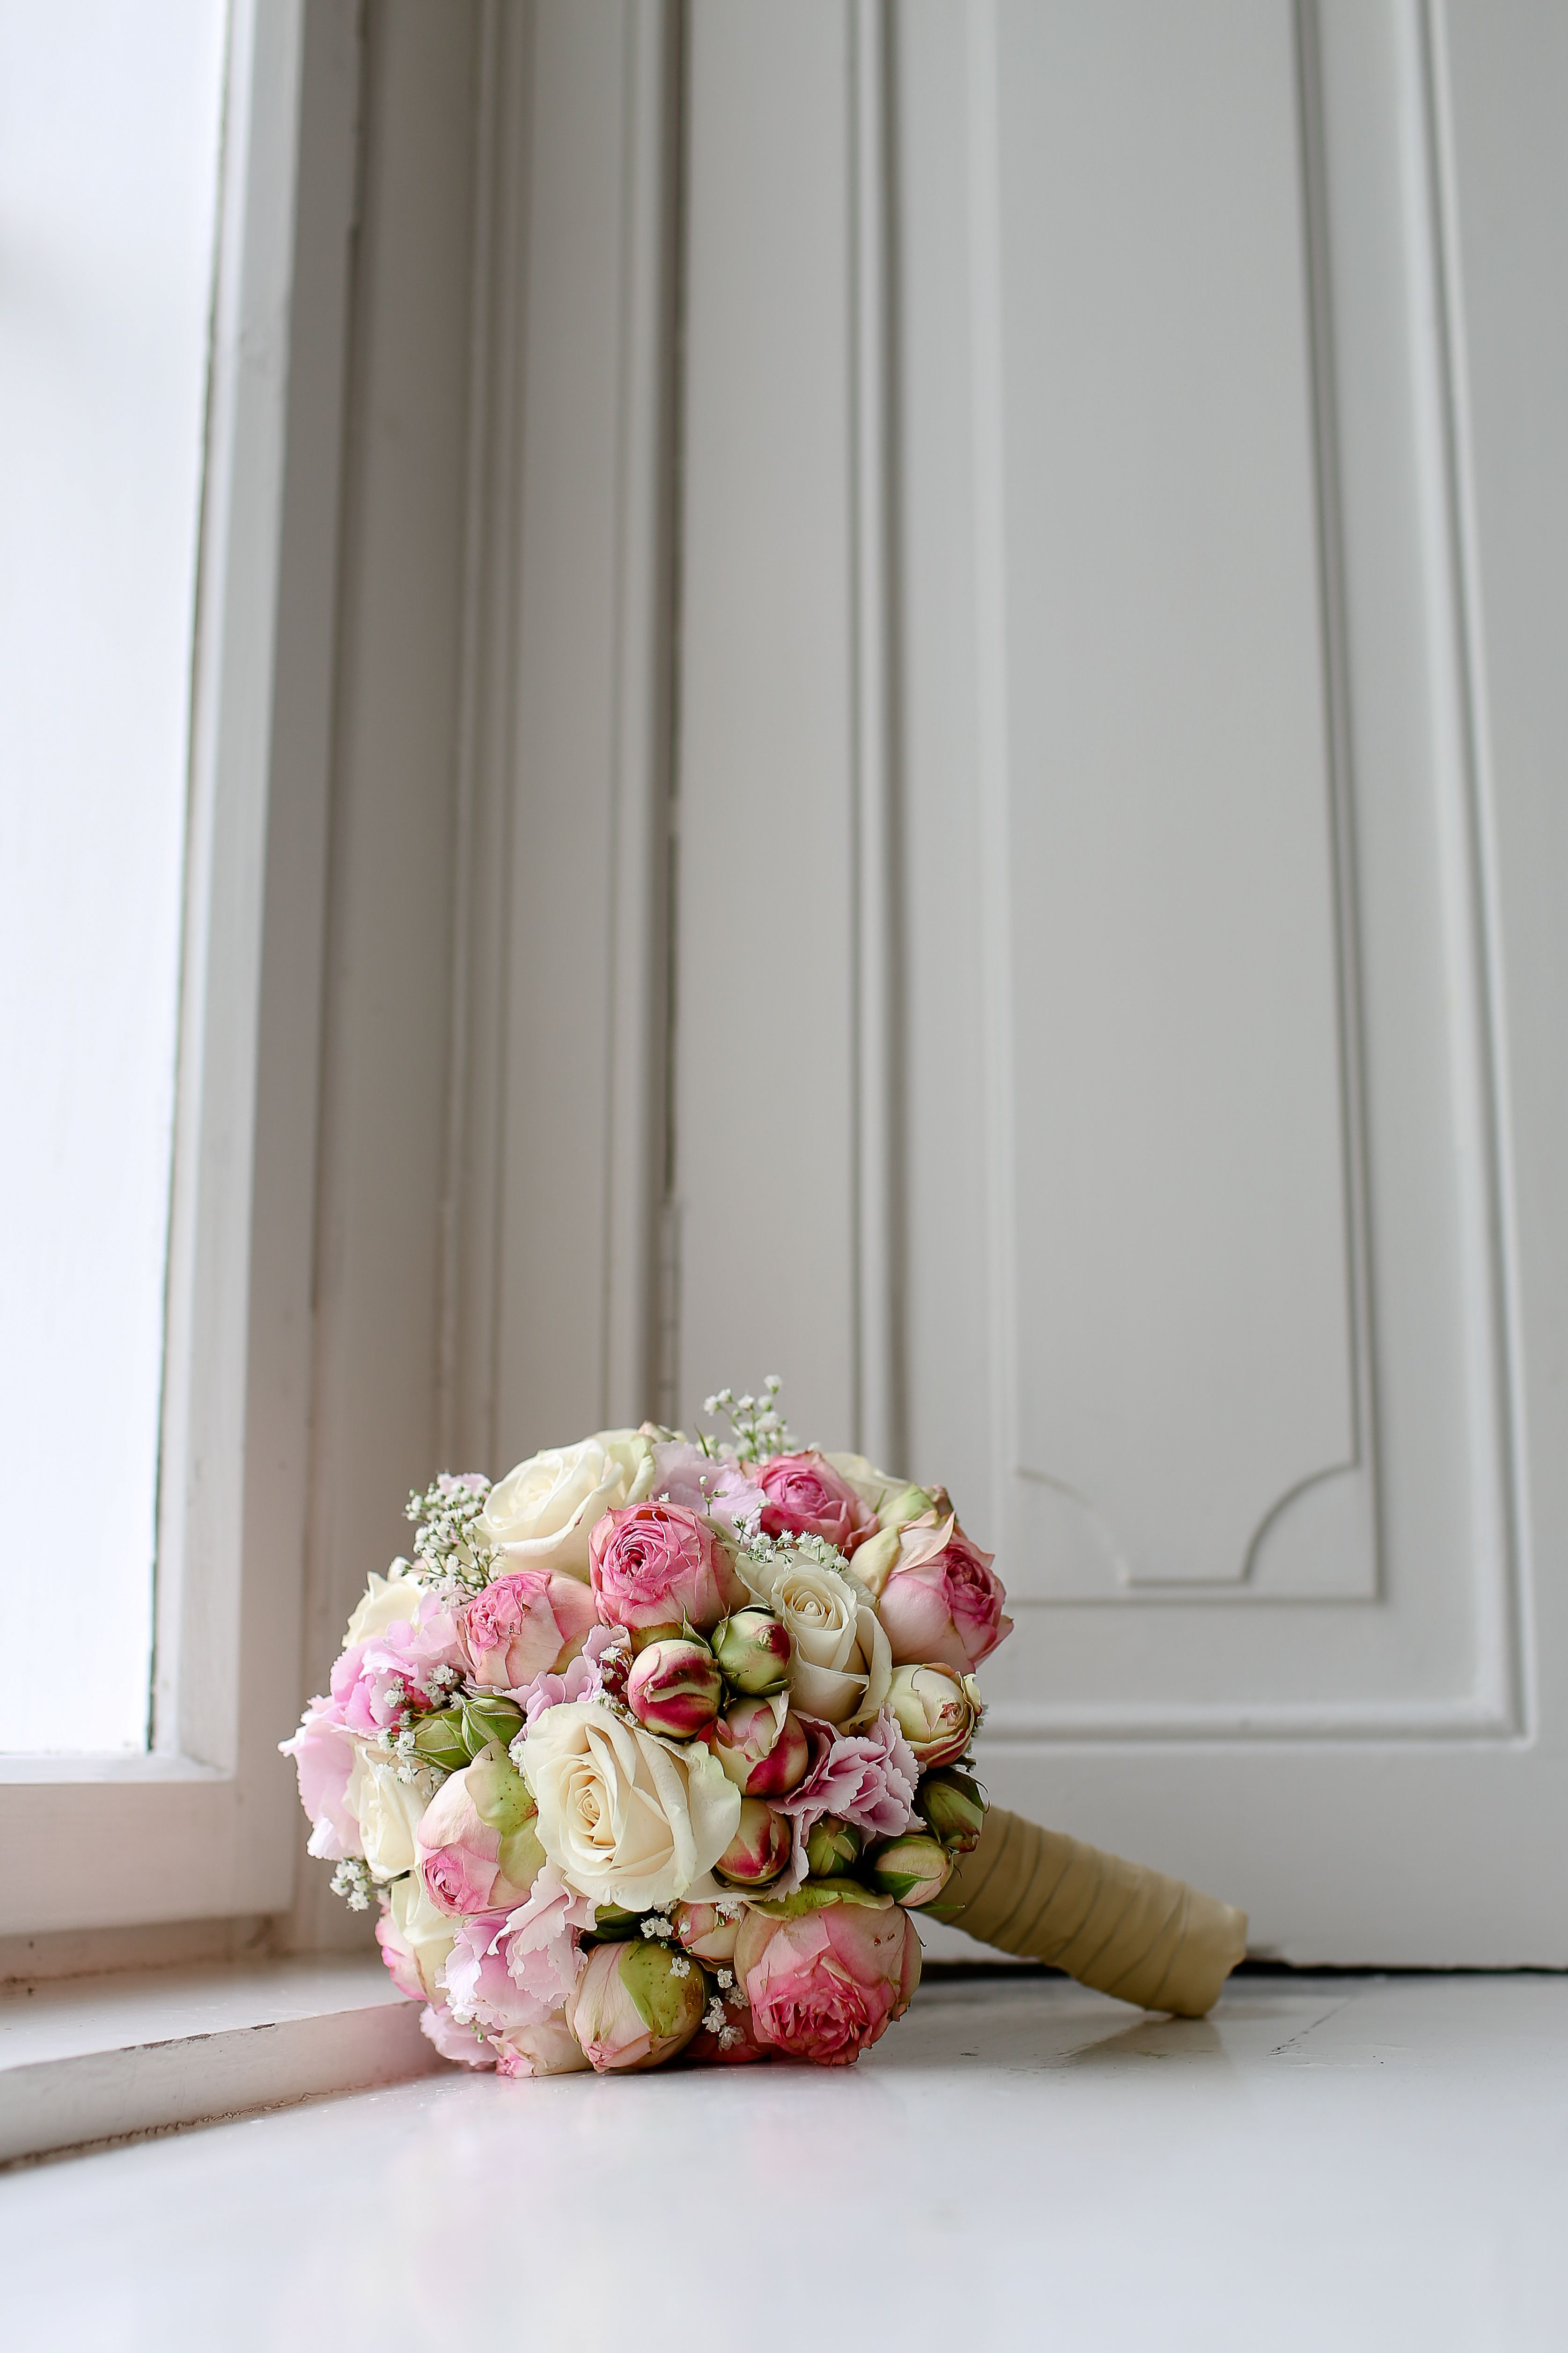 Klassischer Brautstrauss In Rosa Und Weiss Blumenstrauss Hochzeit Brautstrauss Blumen Fur Hochzeit